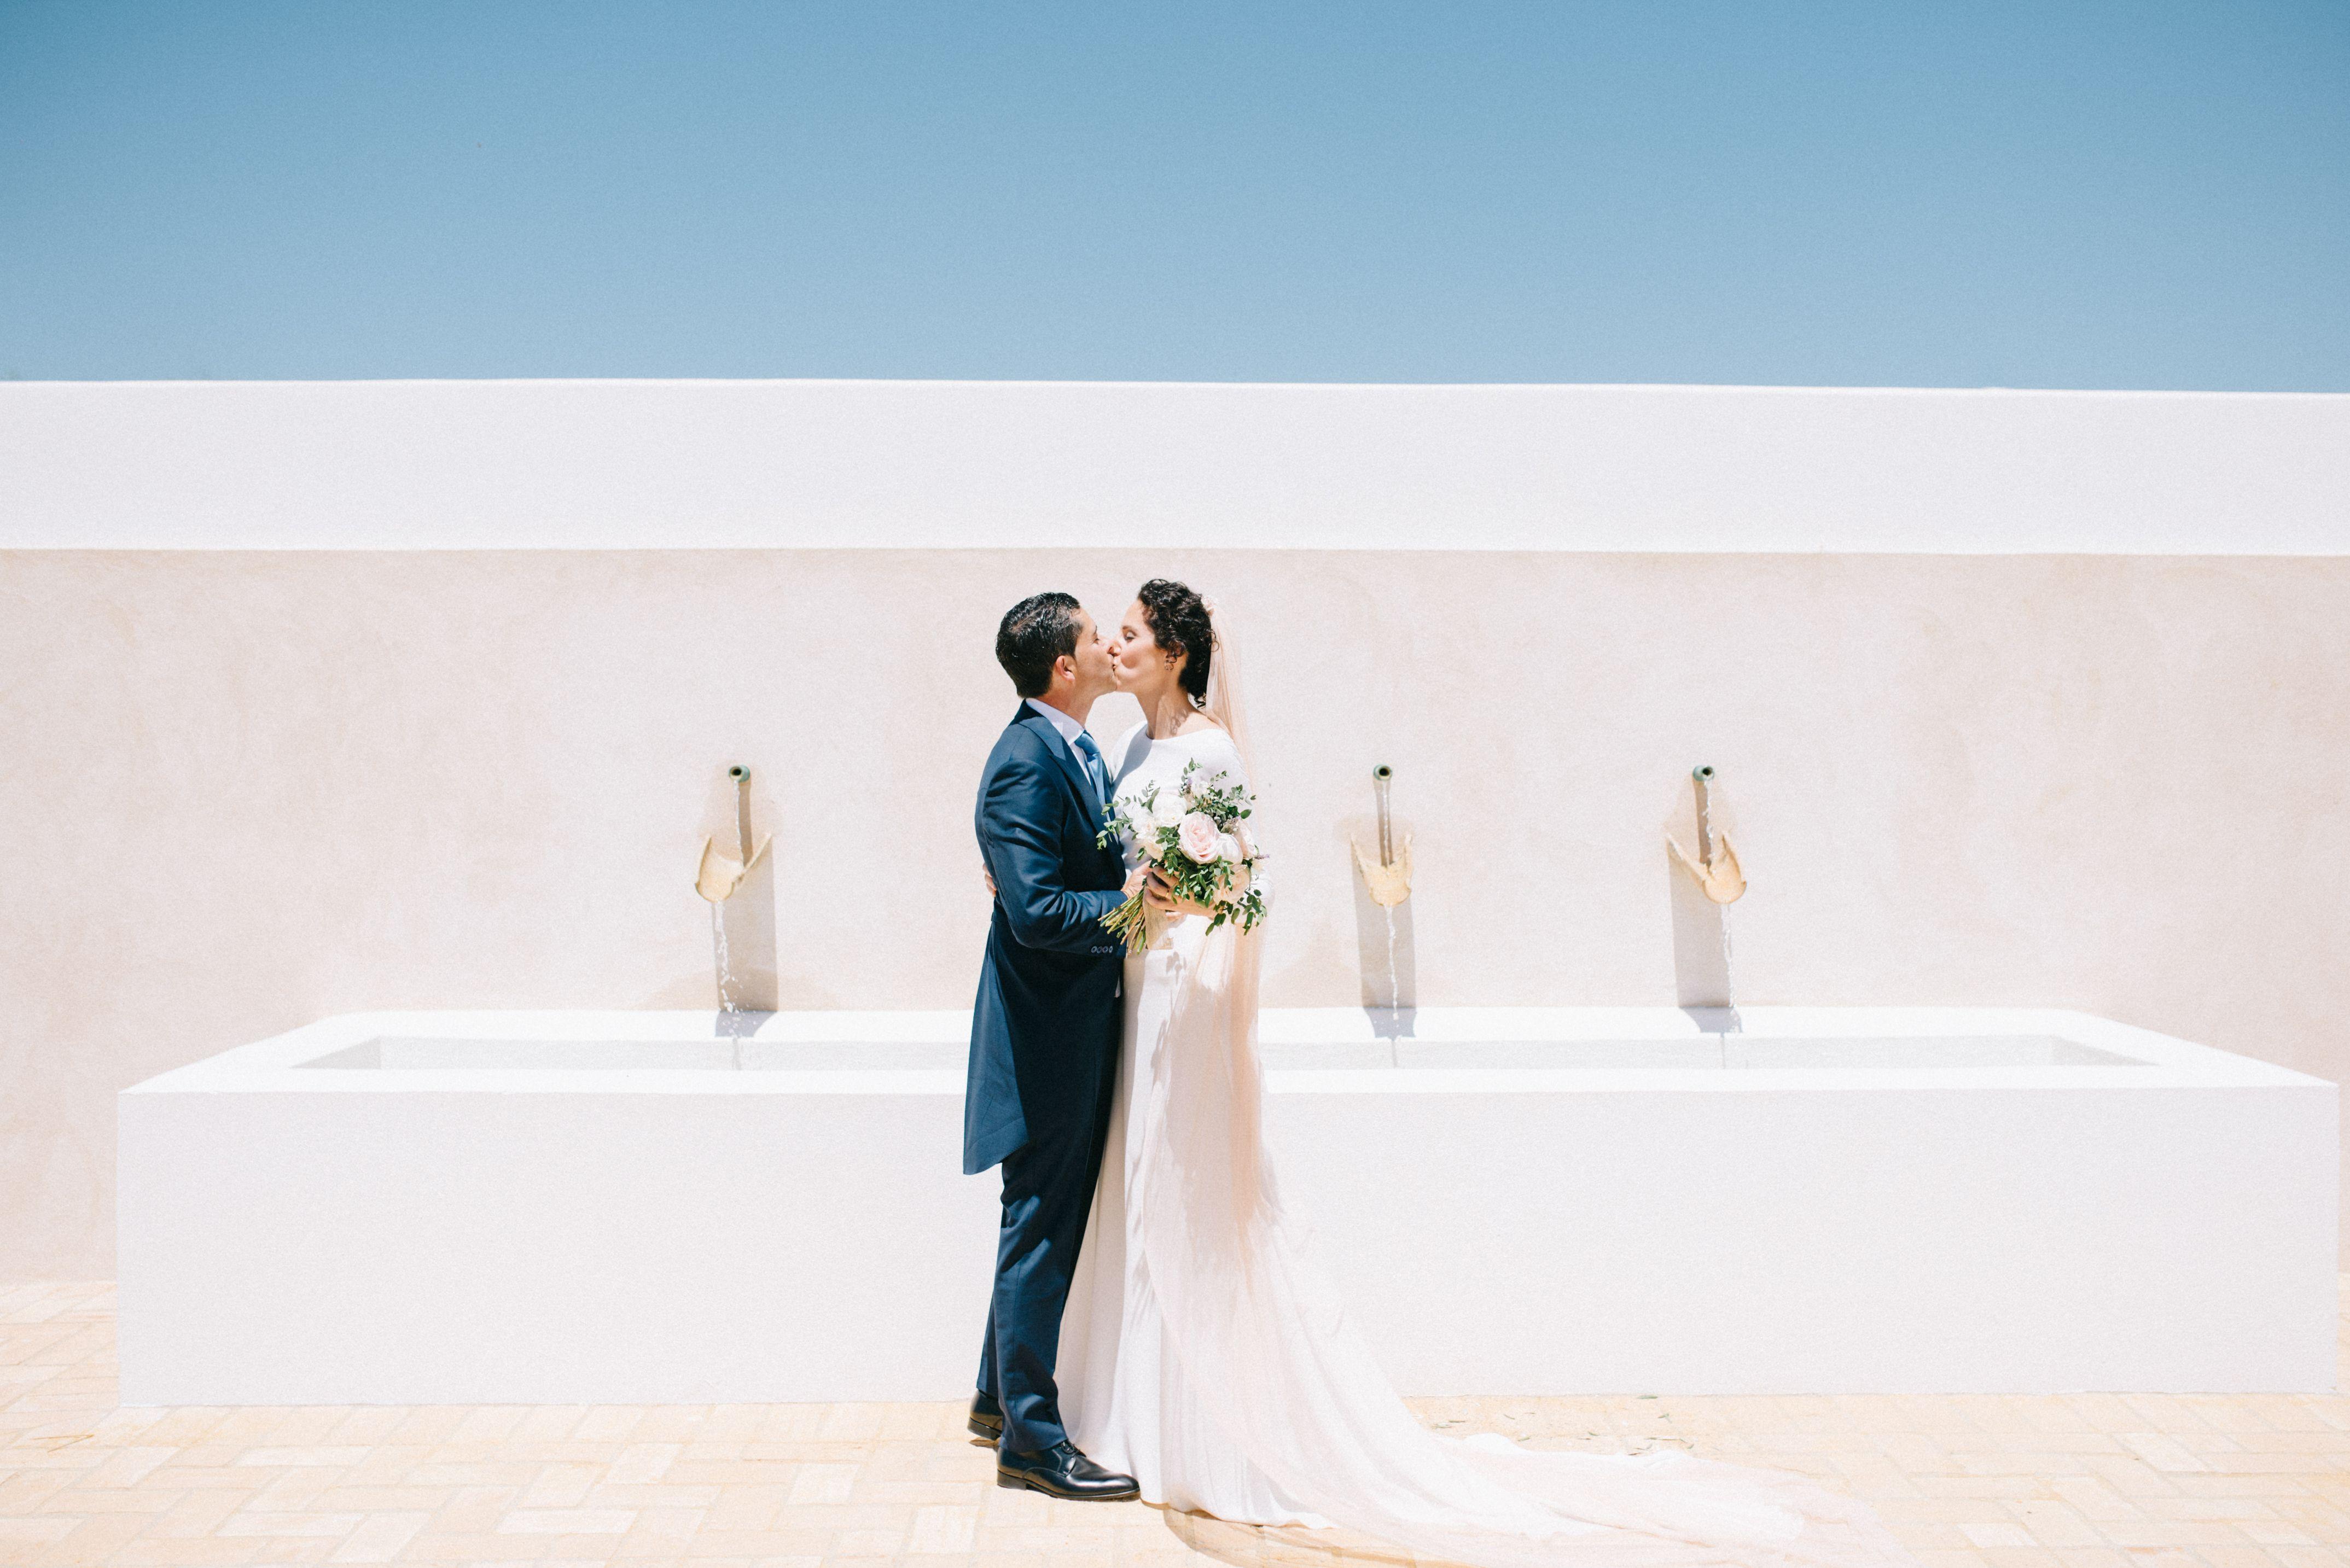 La boda de María y Guillermo en Cortijo Olivar de la Sargenta-102